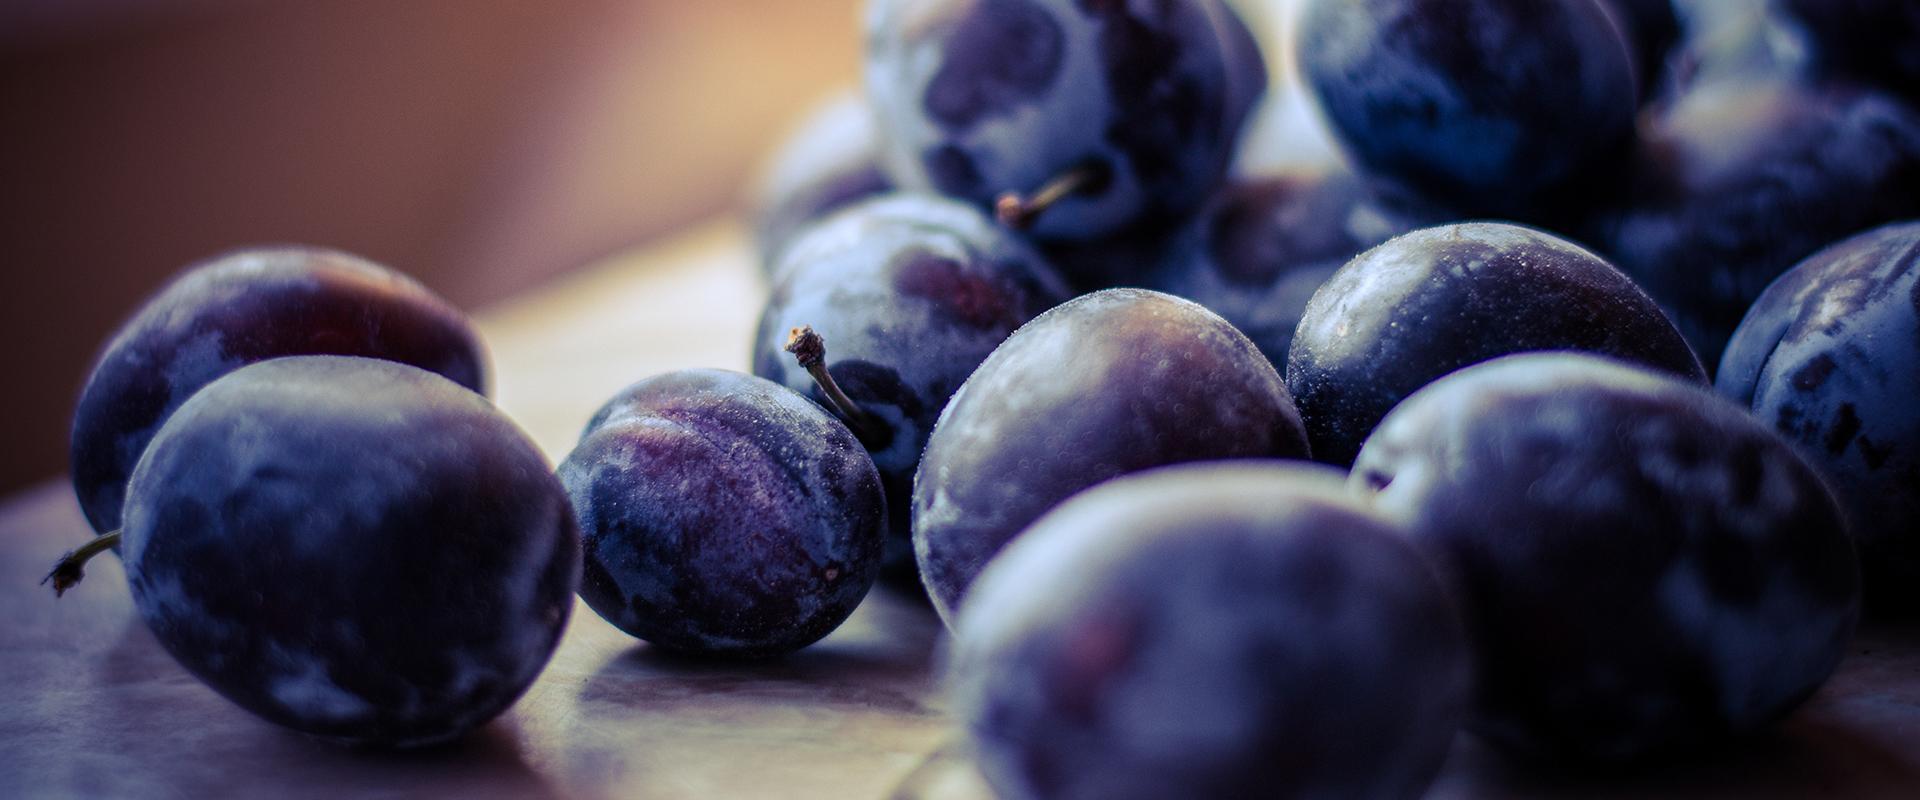 ¿El vino es saludable?